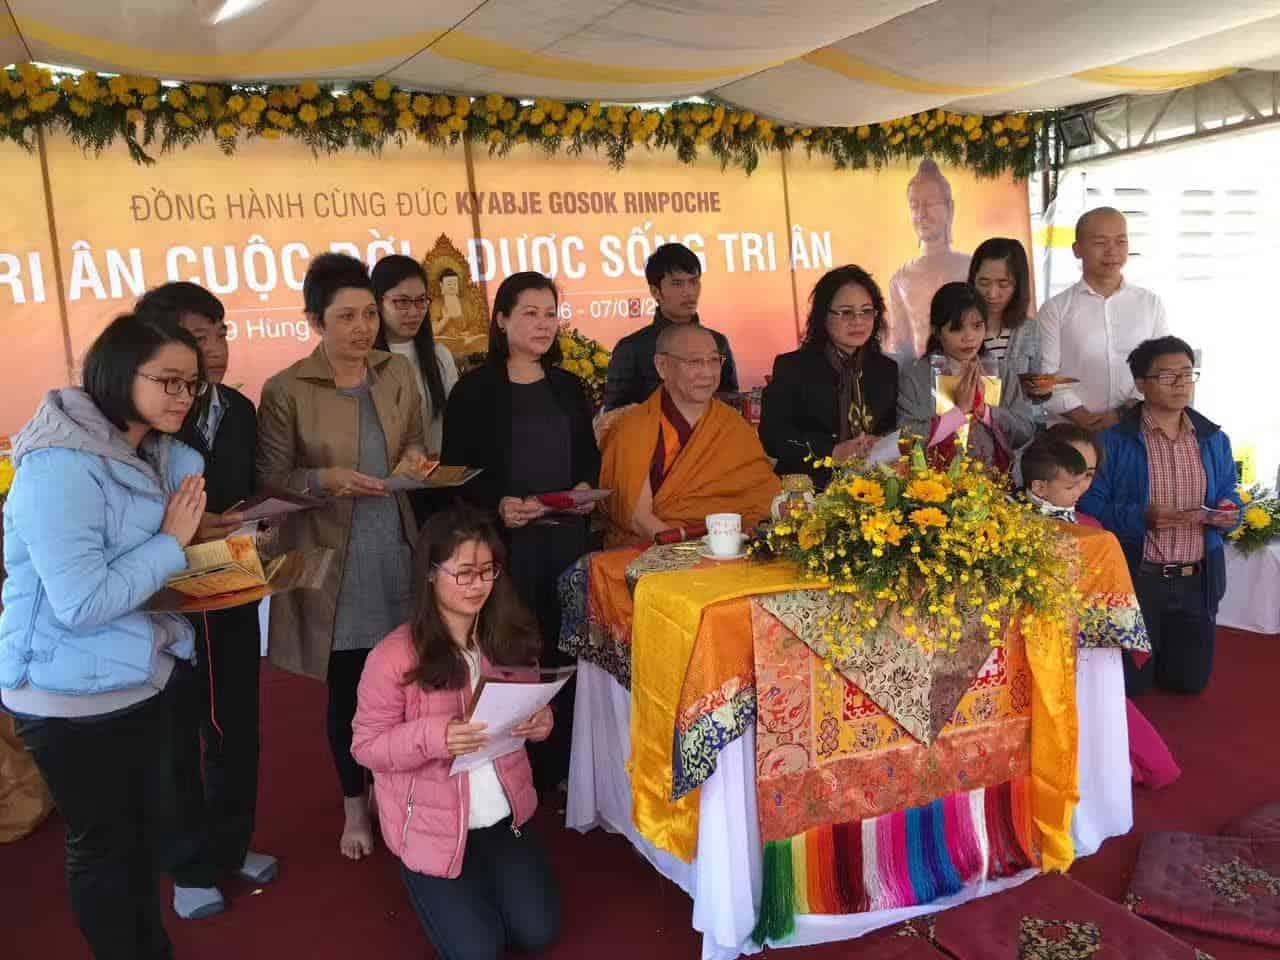 Gosok Rinpoche Vietnam 2017-03-05 04289440198e5a359dff064d2d24981